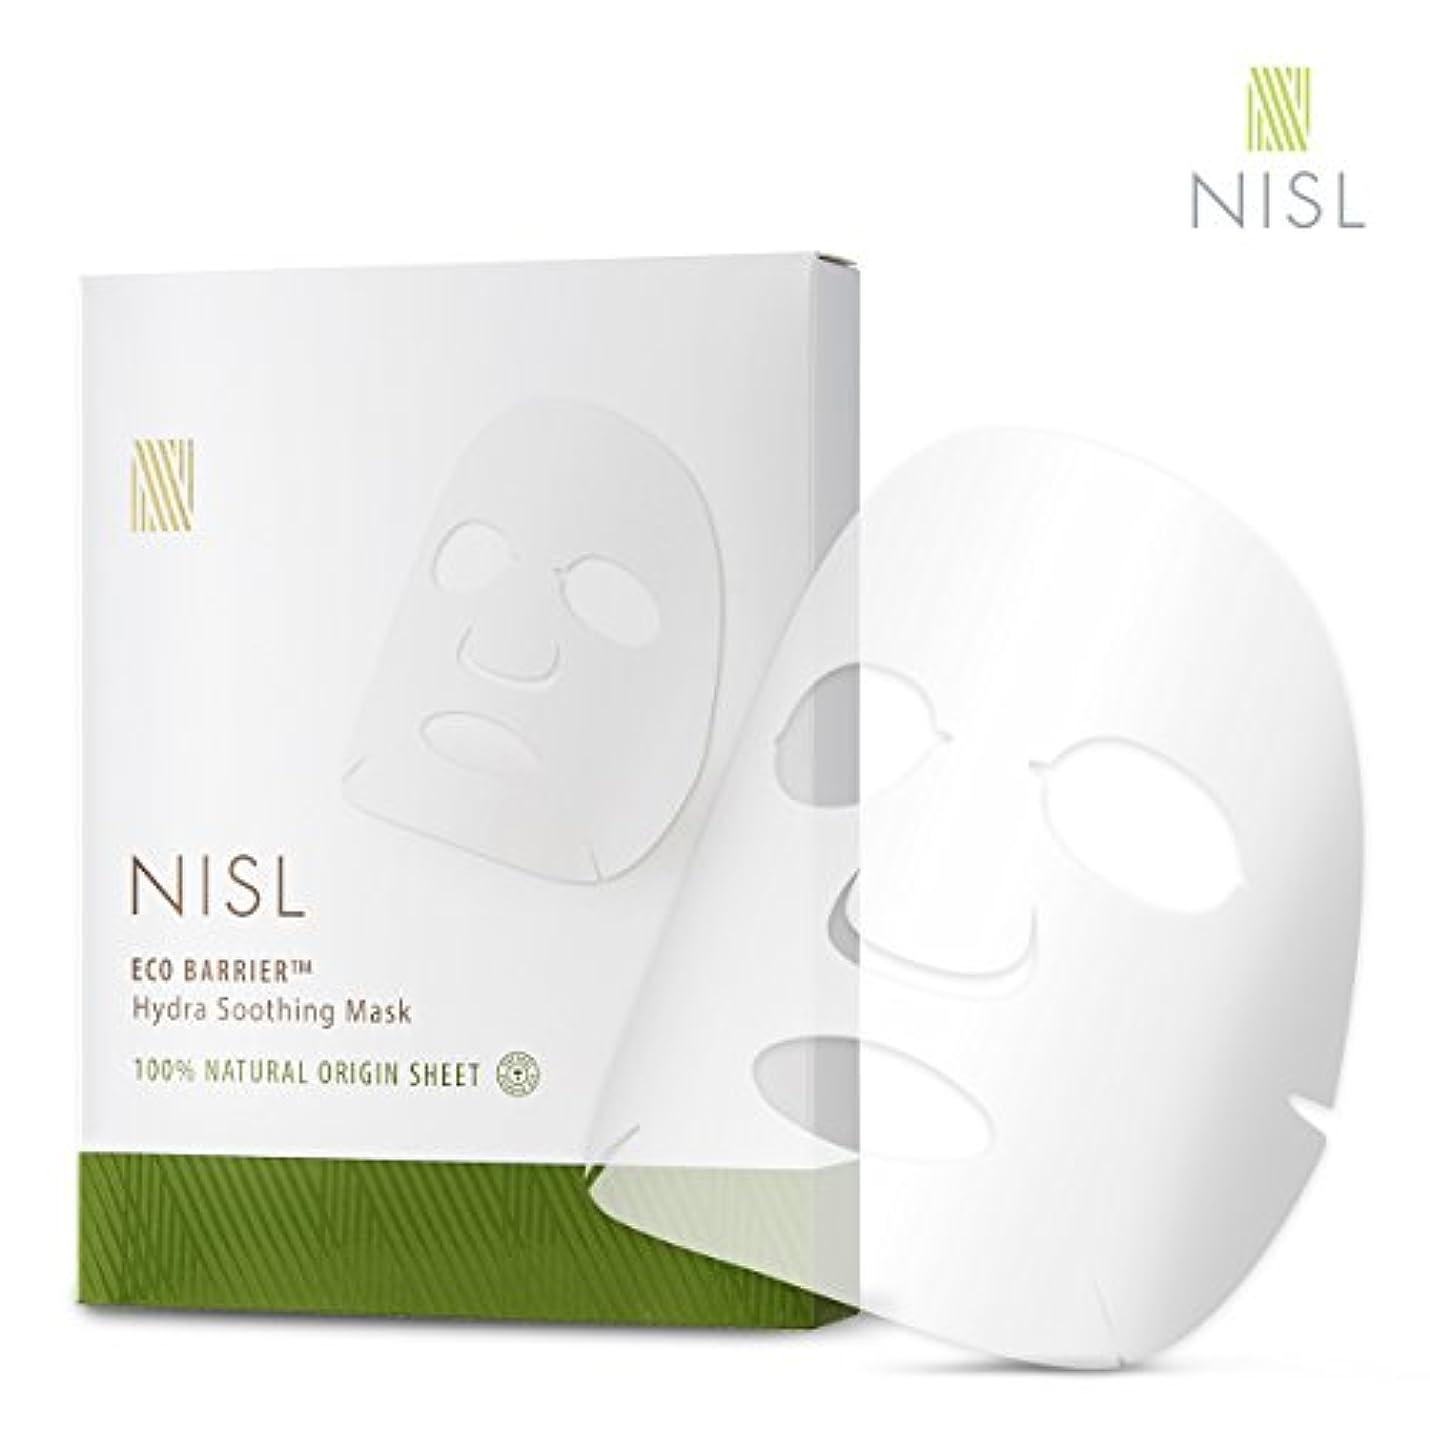 錆びからに変化する焼く【NISL】ナチュラルエコバリアハイドラスージングマスクセット(5p / 23ml) フェイスパック シートマスク フェイスマスク 韓国コスメ